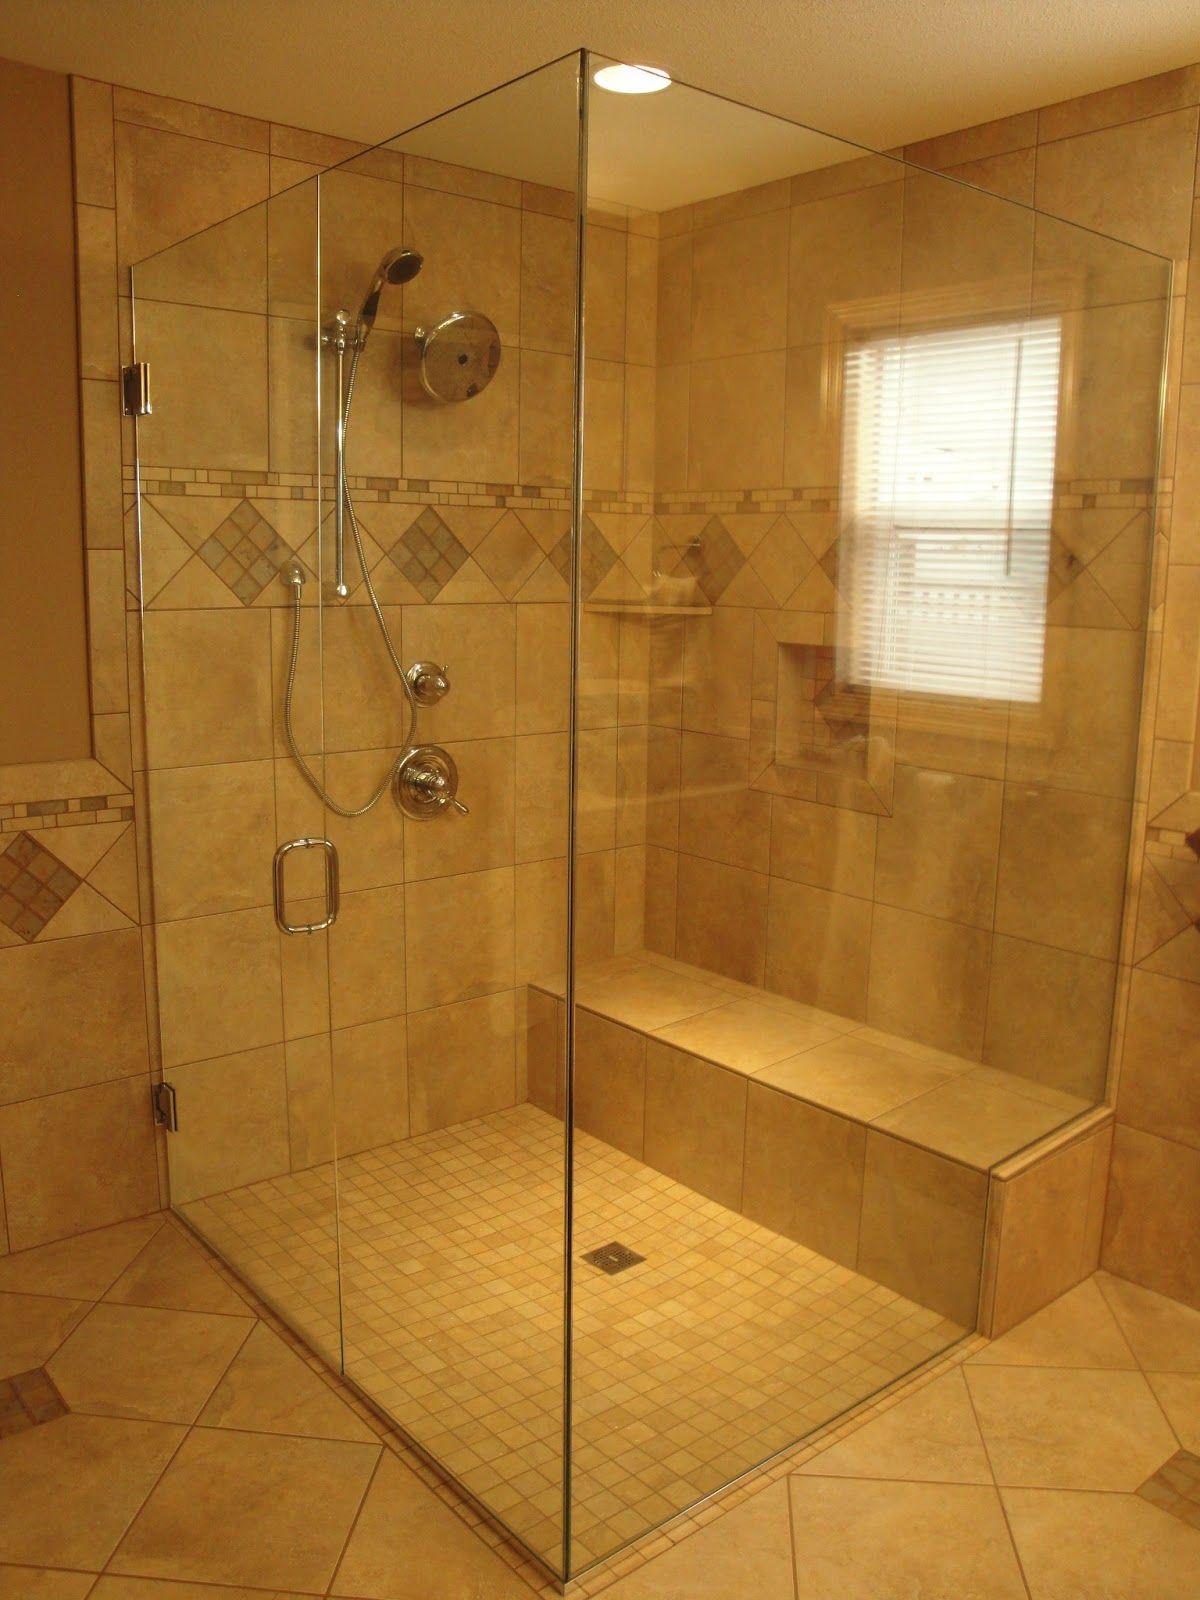 Bathroom Remodel Tile Shower More Design Tips At